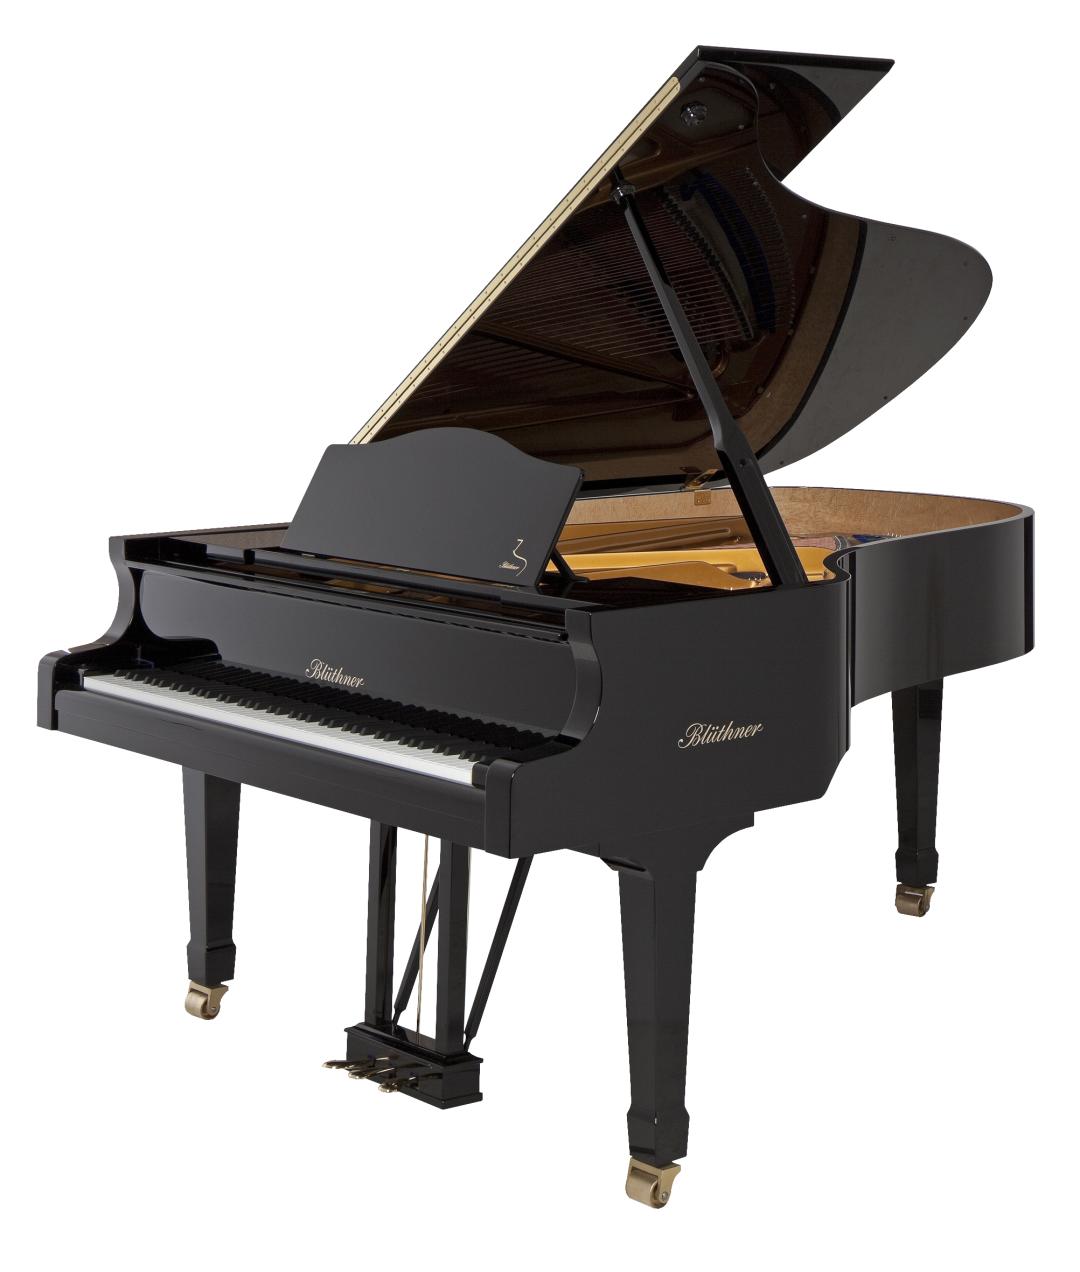 Bluthner-Model-4-Grand-71096.jpg